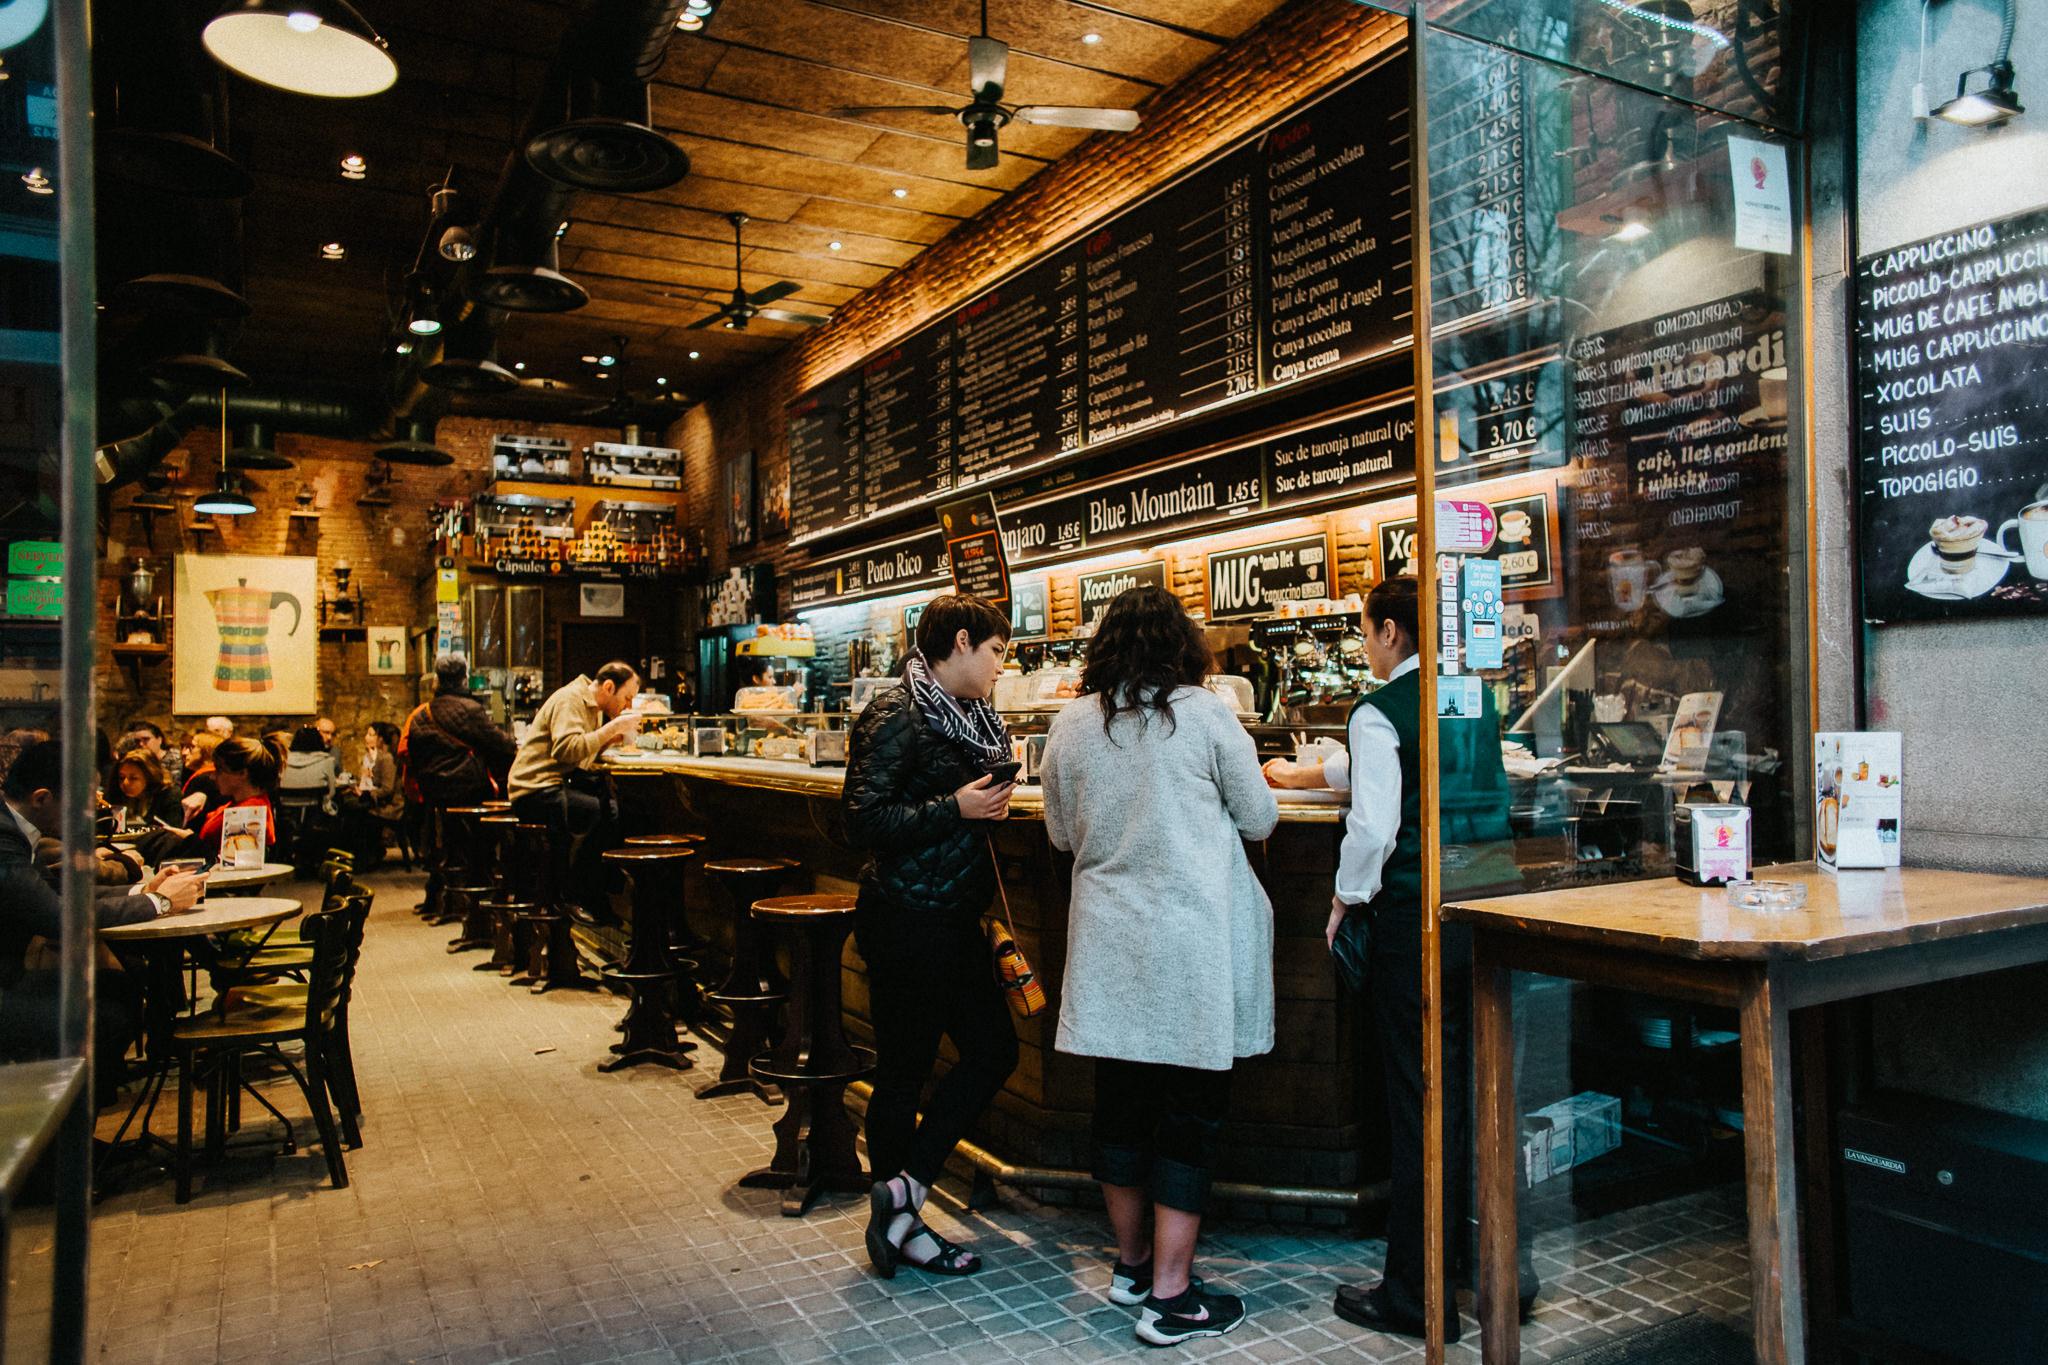 Barcelona espresso cafe